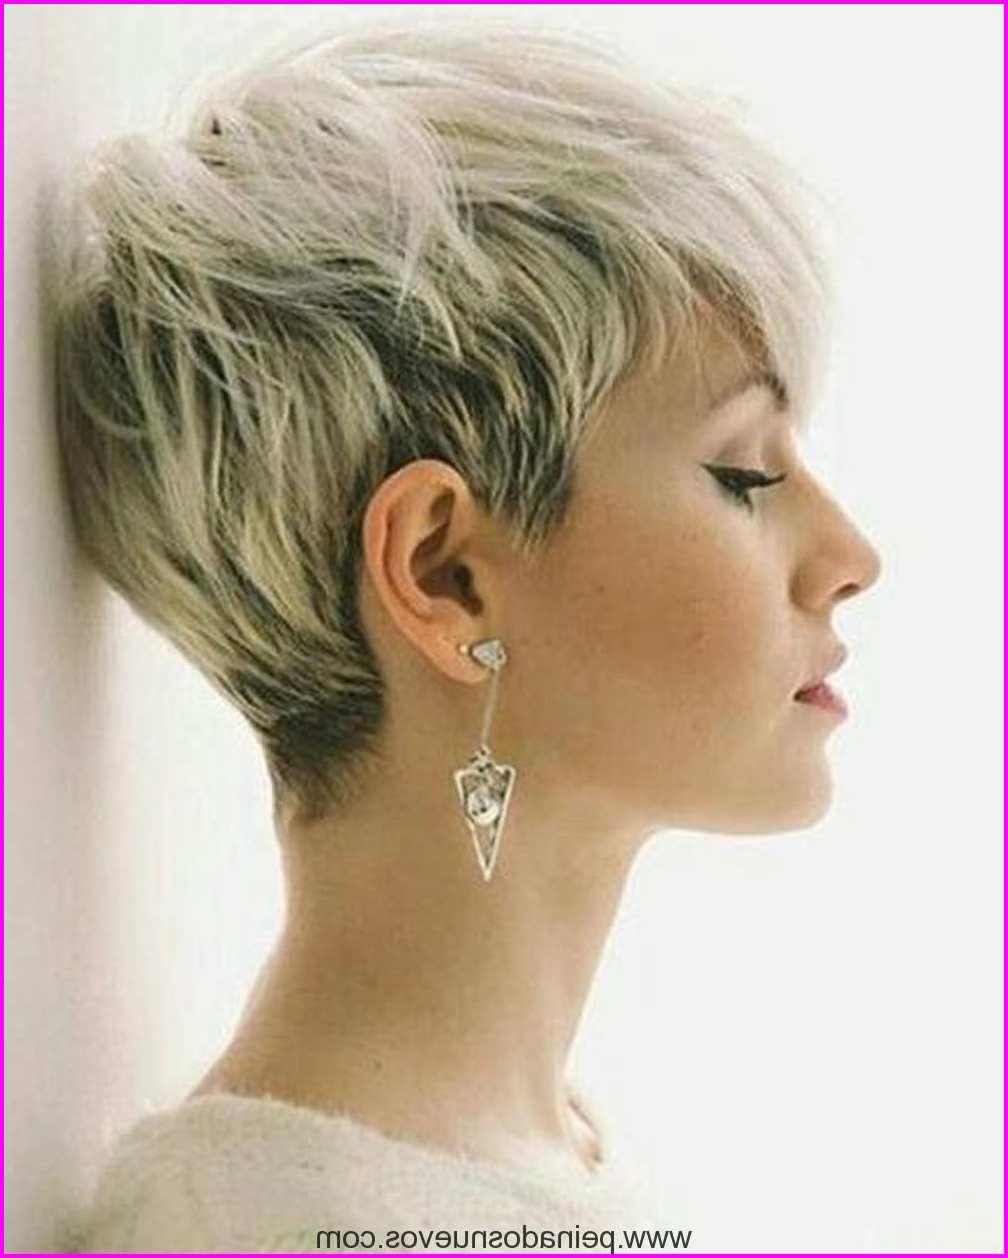 Cute Short Blonde Pixie Cuts 2019